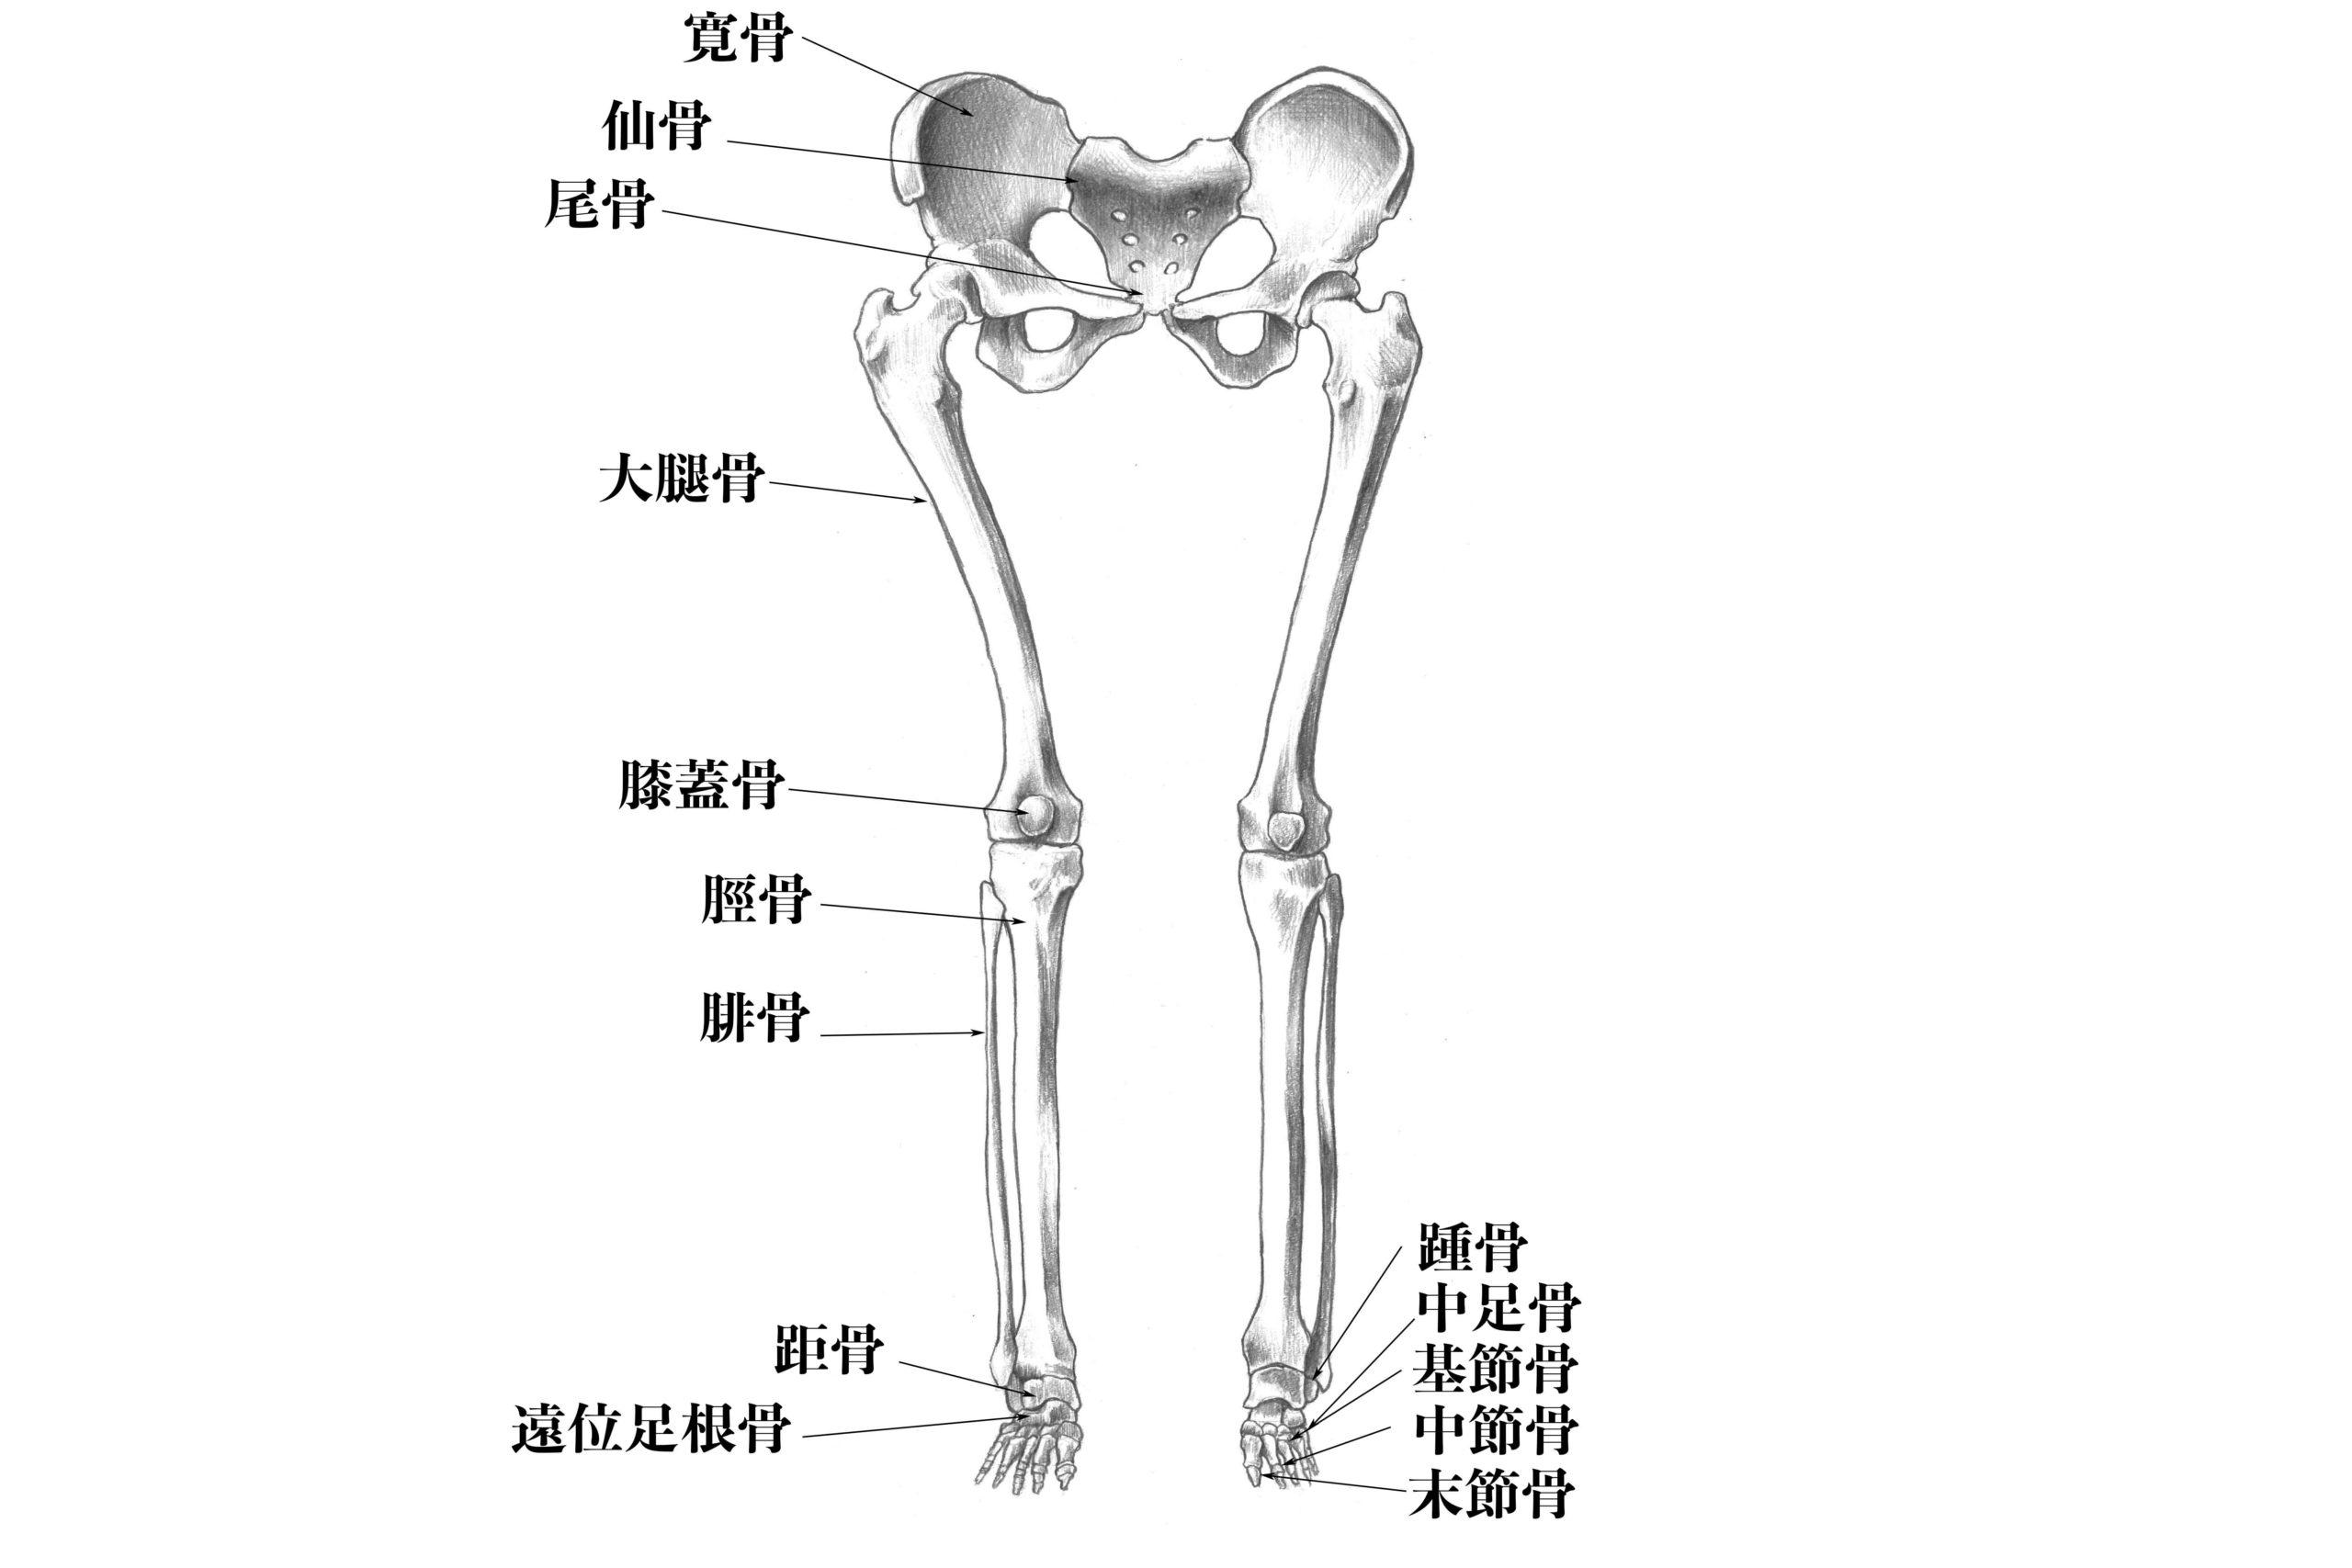 下肢の骨名称(前方)